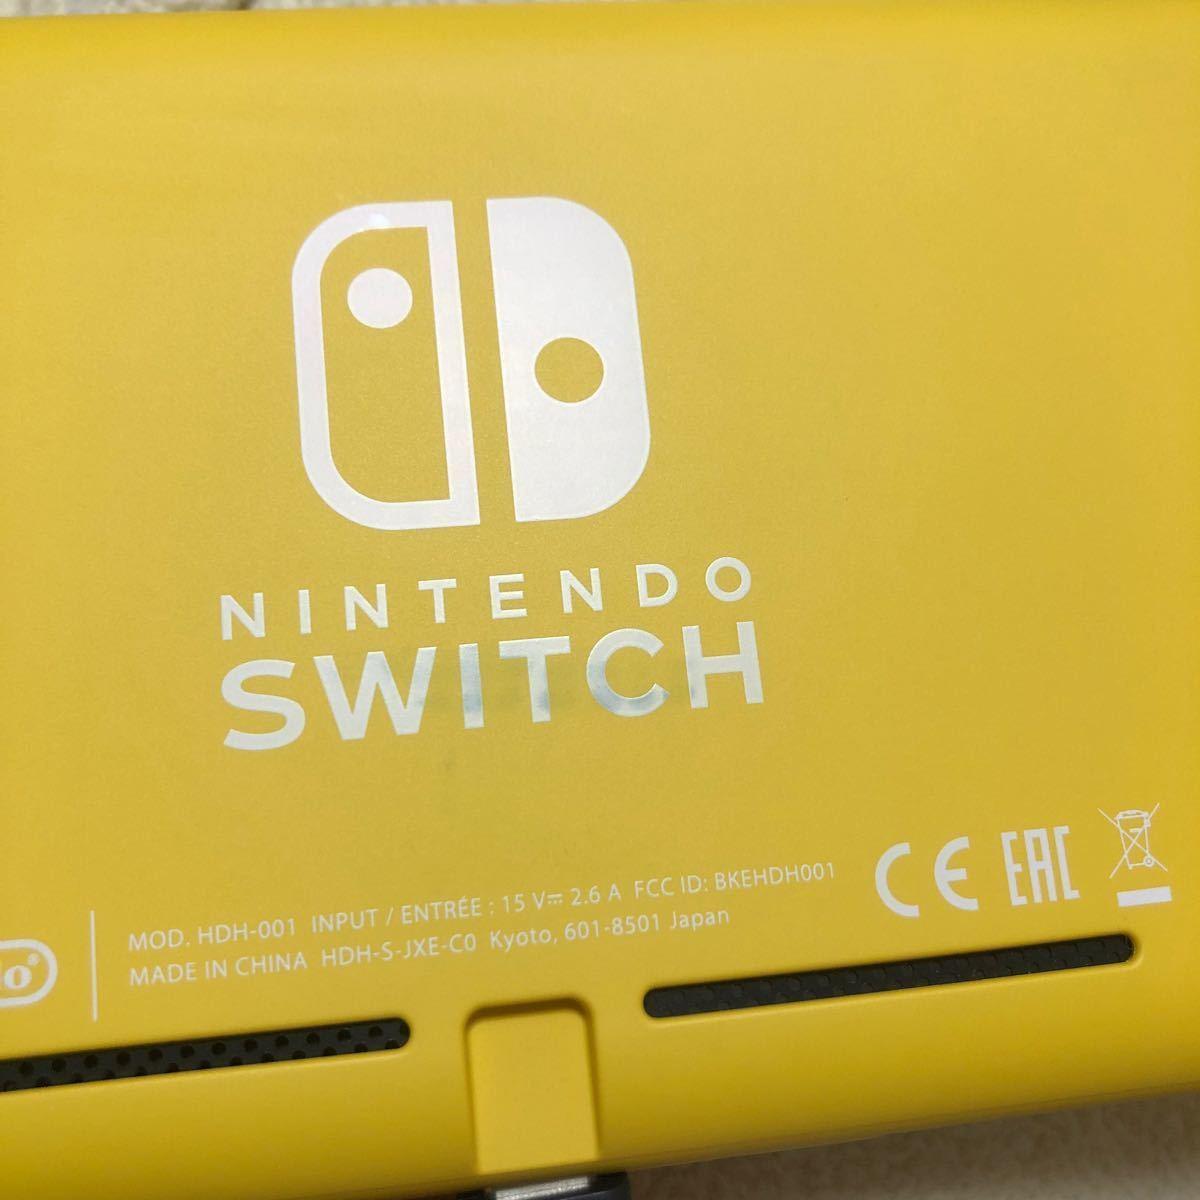 Nintendo Switch Lite Yellow ニンテンドー スイッチ ライト 本体 イエロー 黄色 スイッチライト